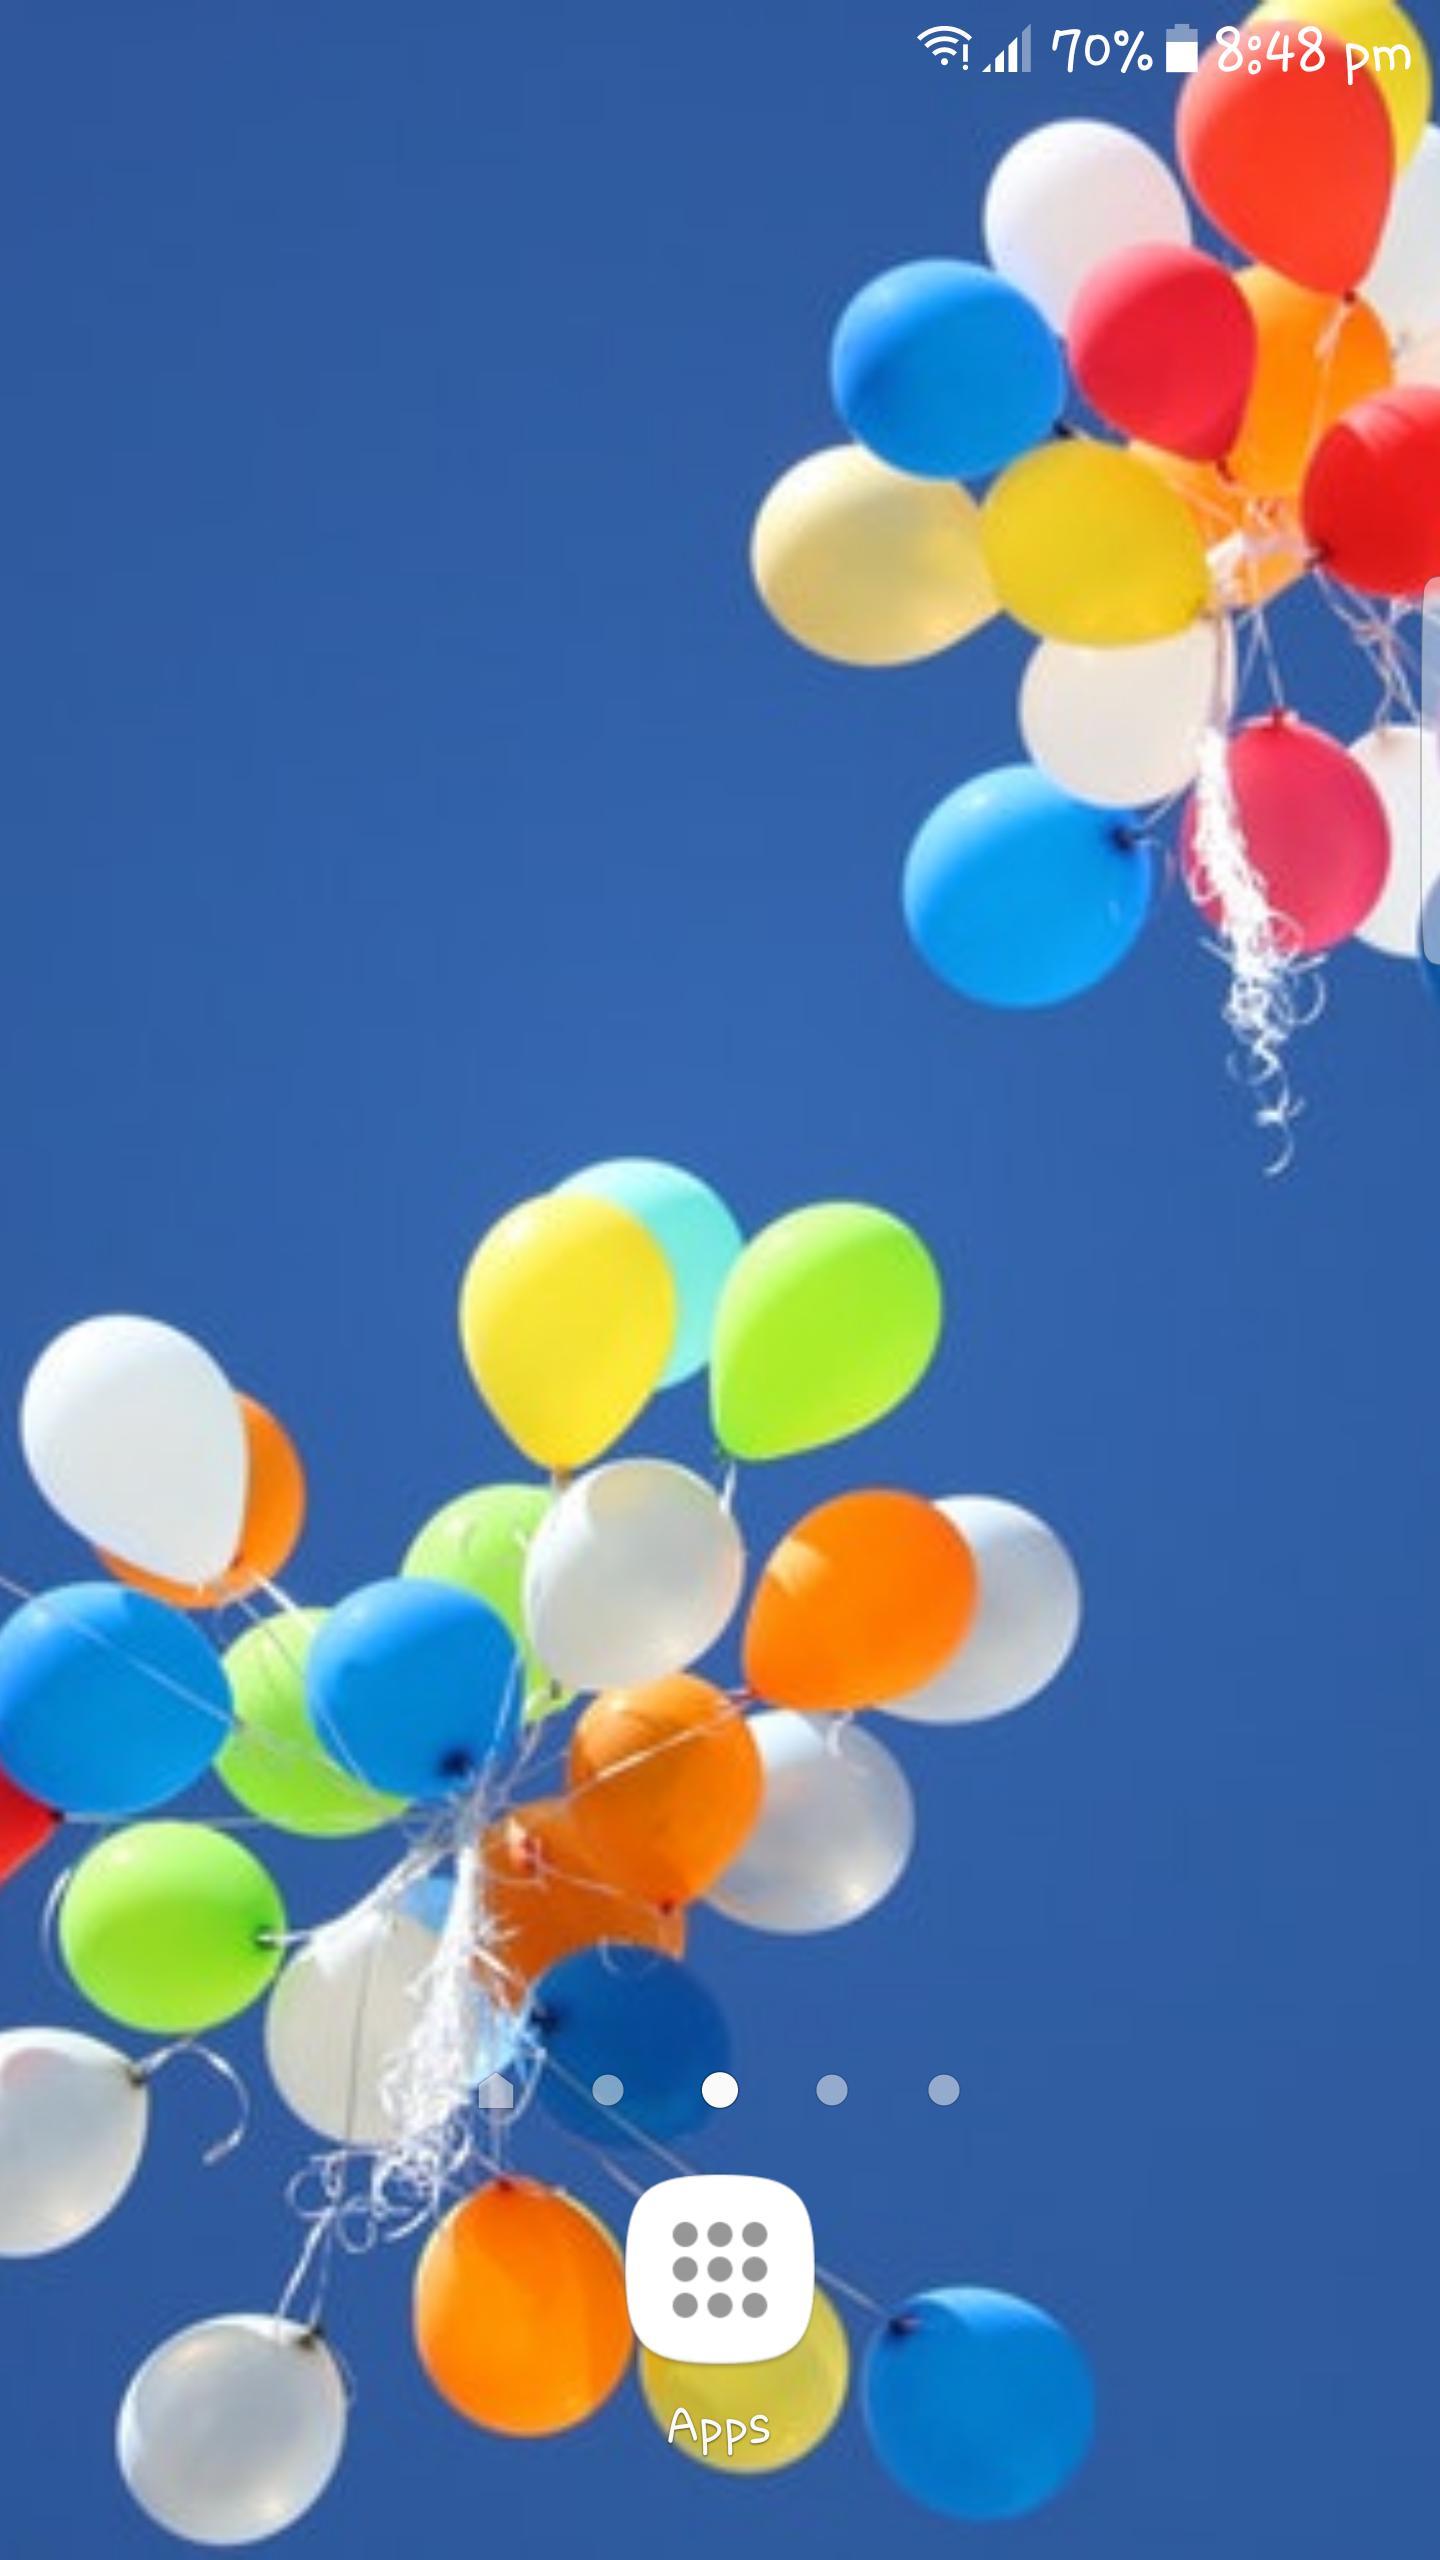 Best Balloons Wallpaper Air Balloon Wallpapers Hd For